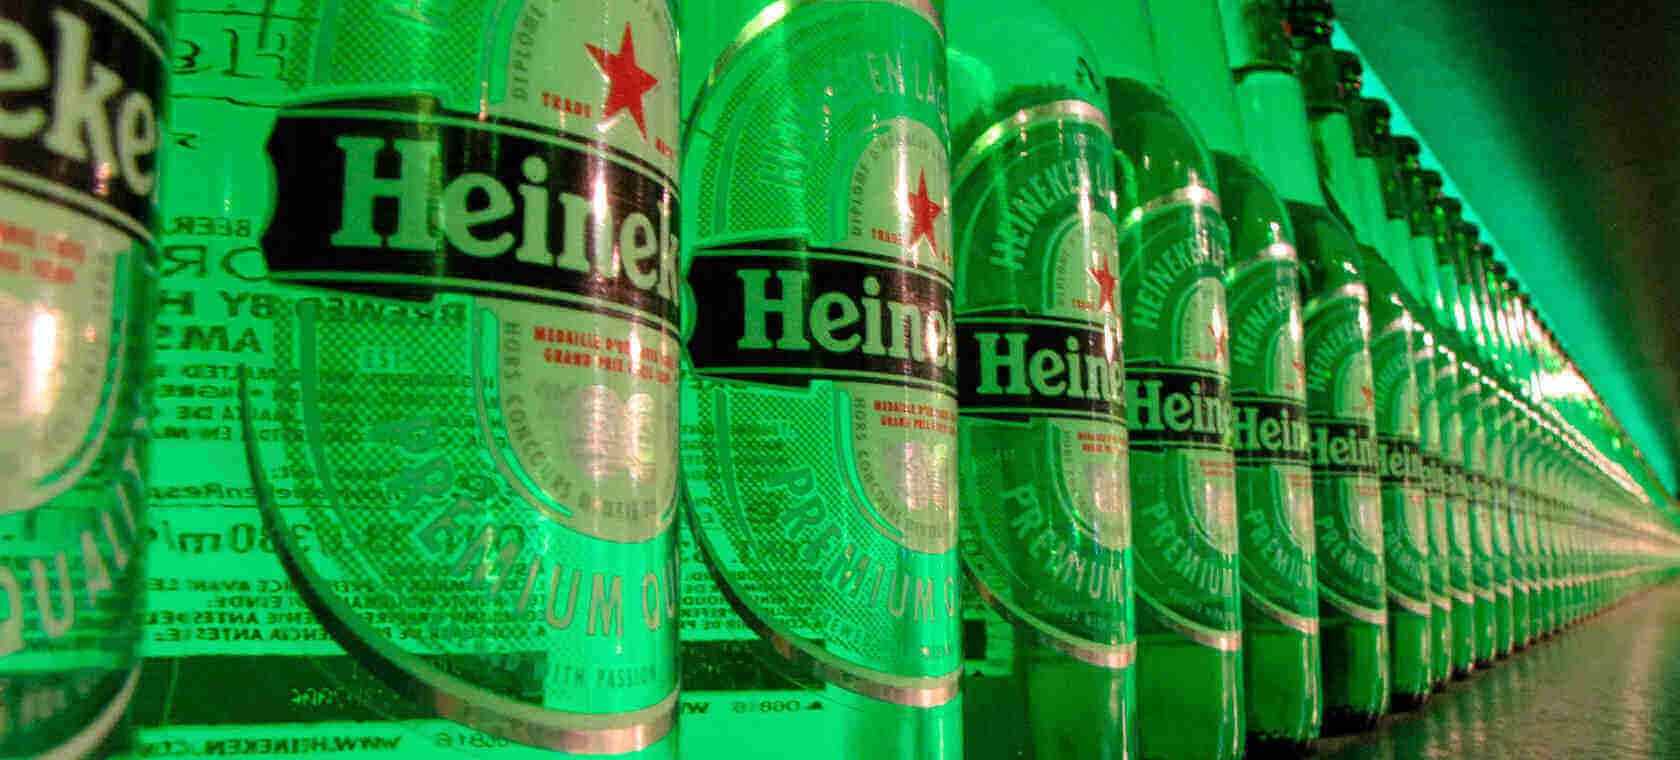 Heineken vrea să decarbonizeze întreg lanțul valoric până în 2040